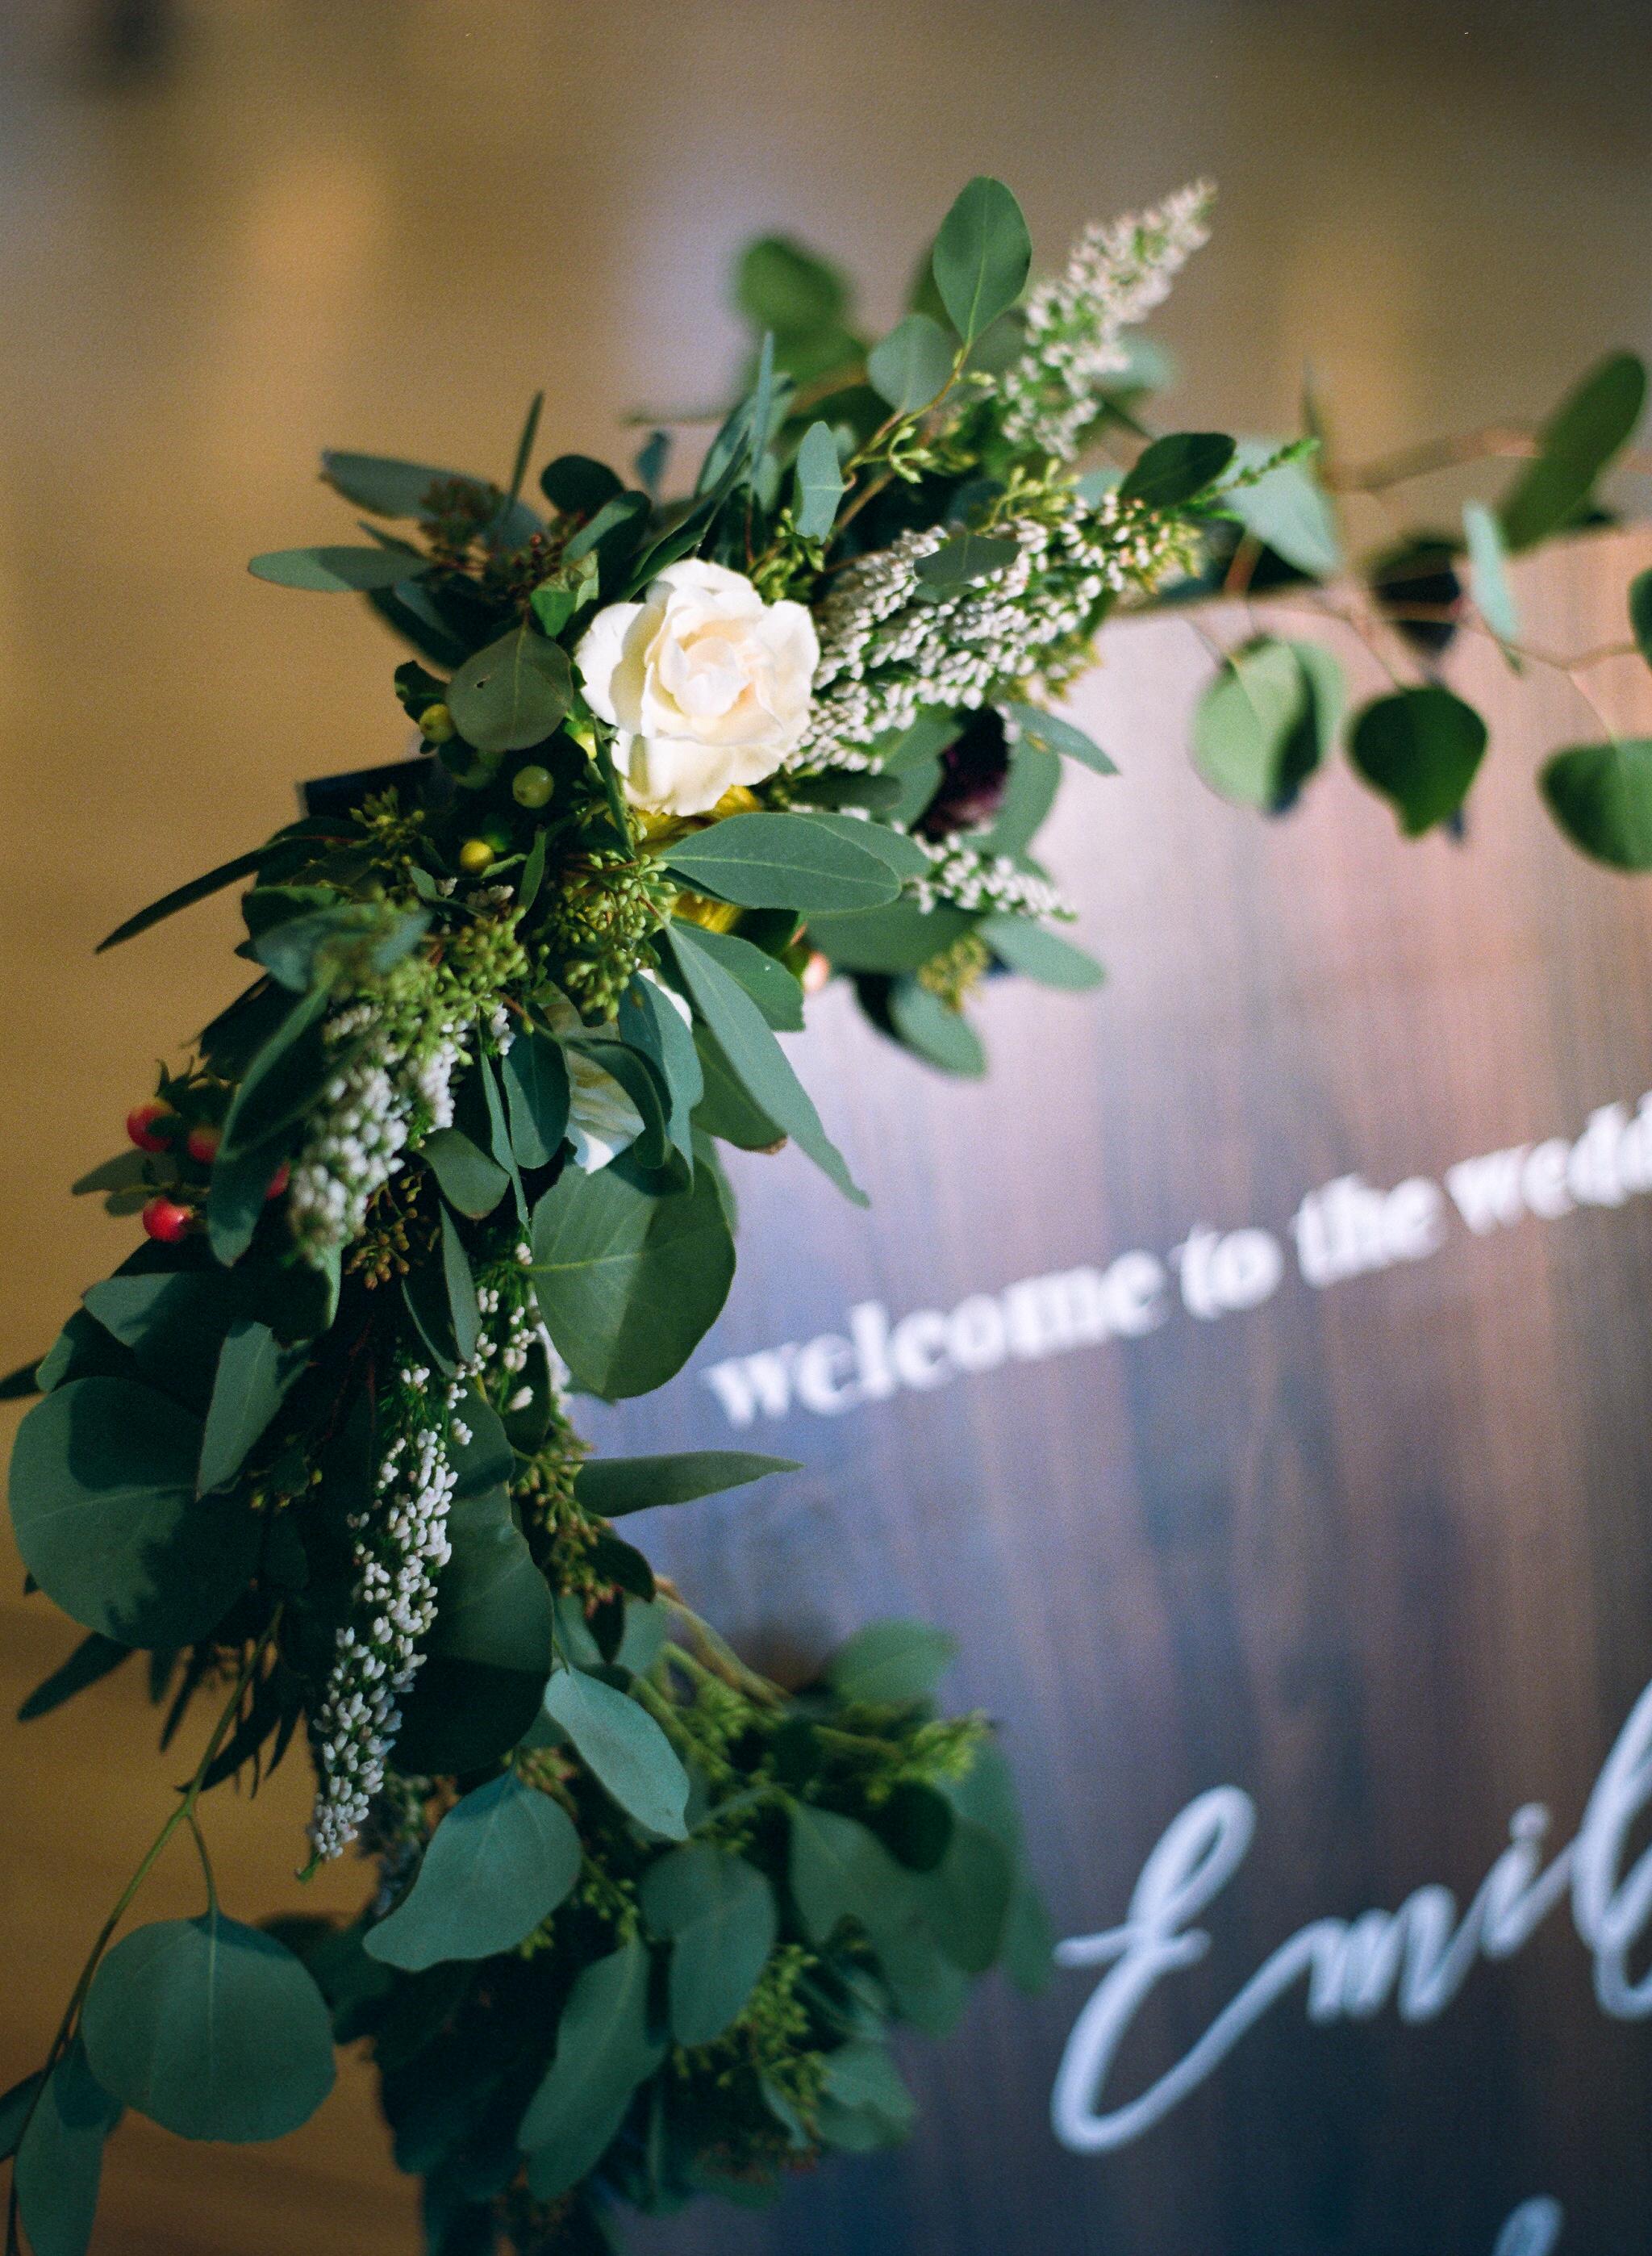 500-rothschild-pavilion-winter-wedding.jpg